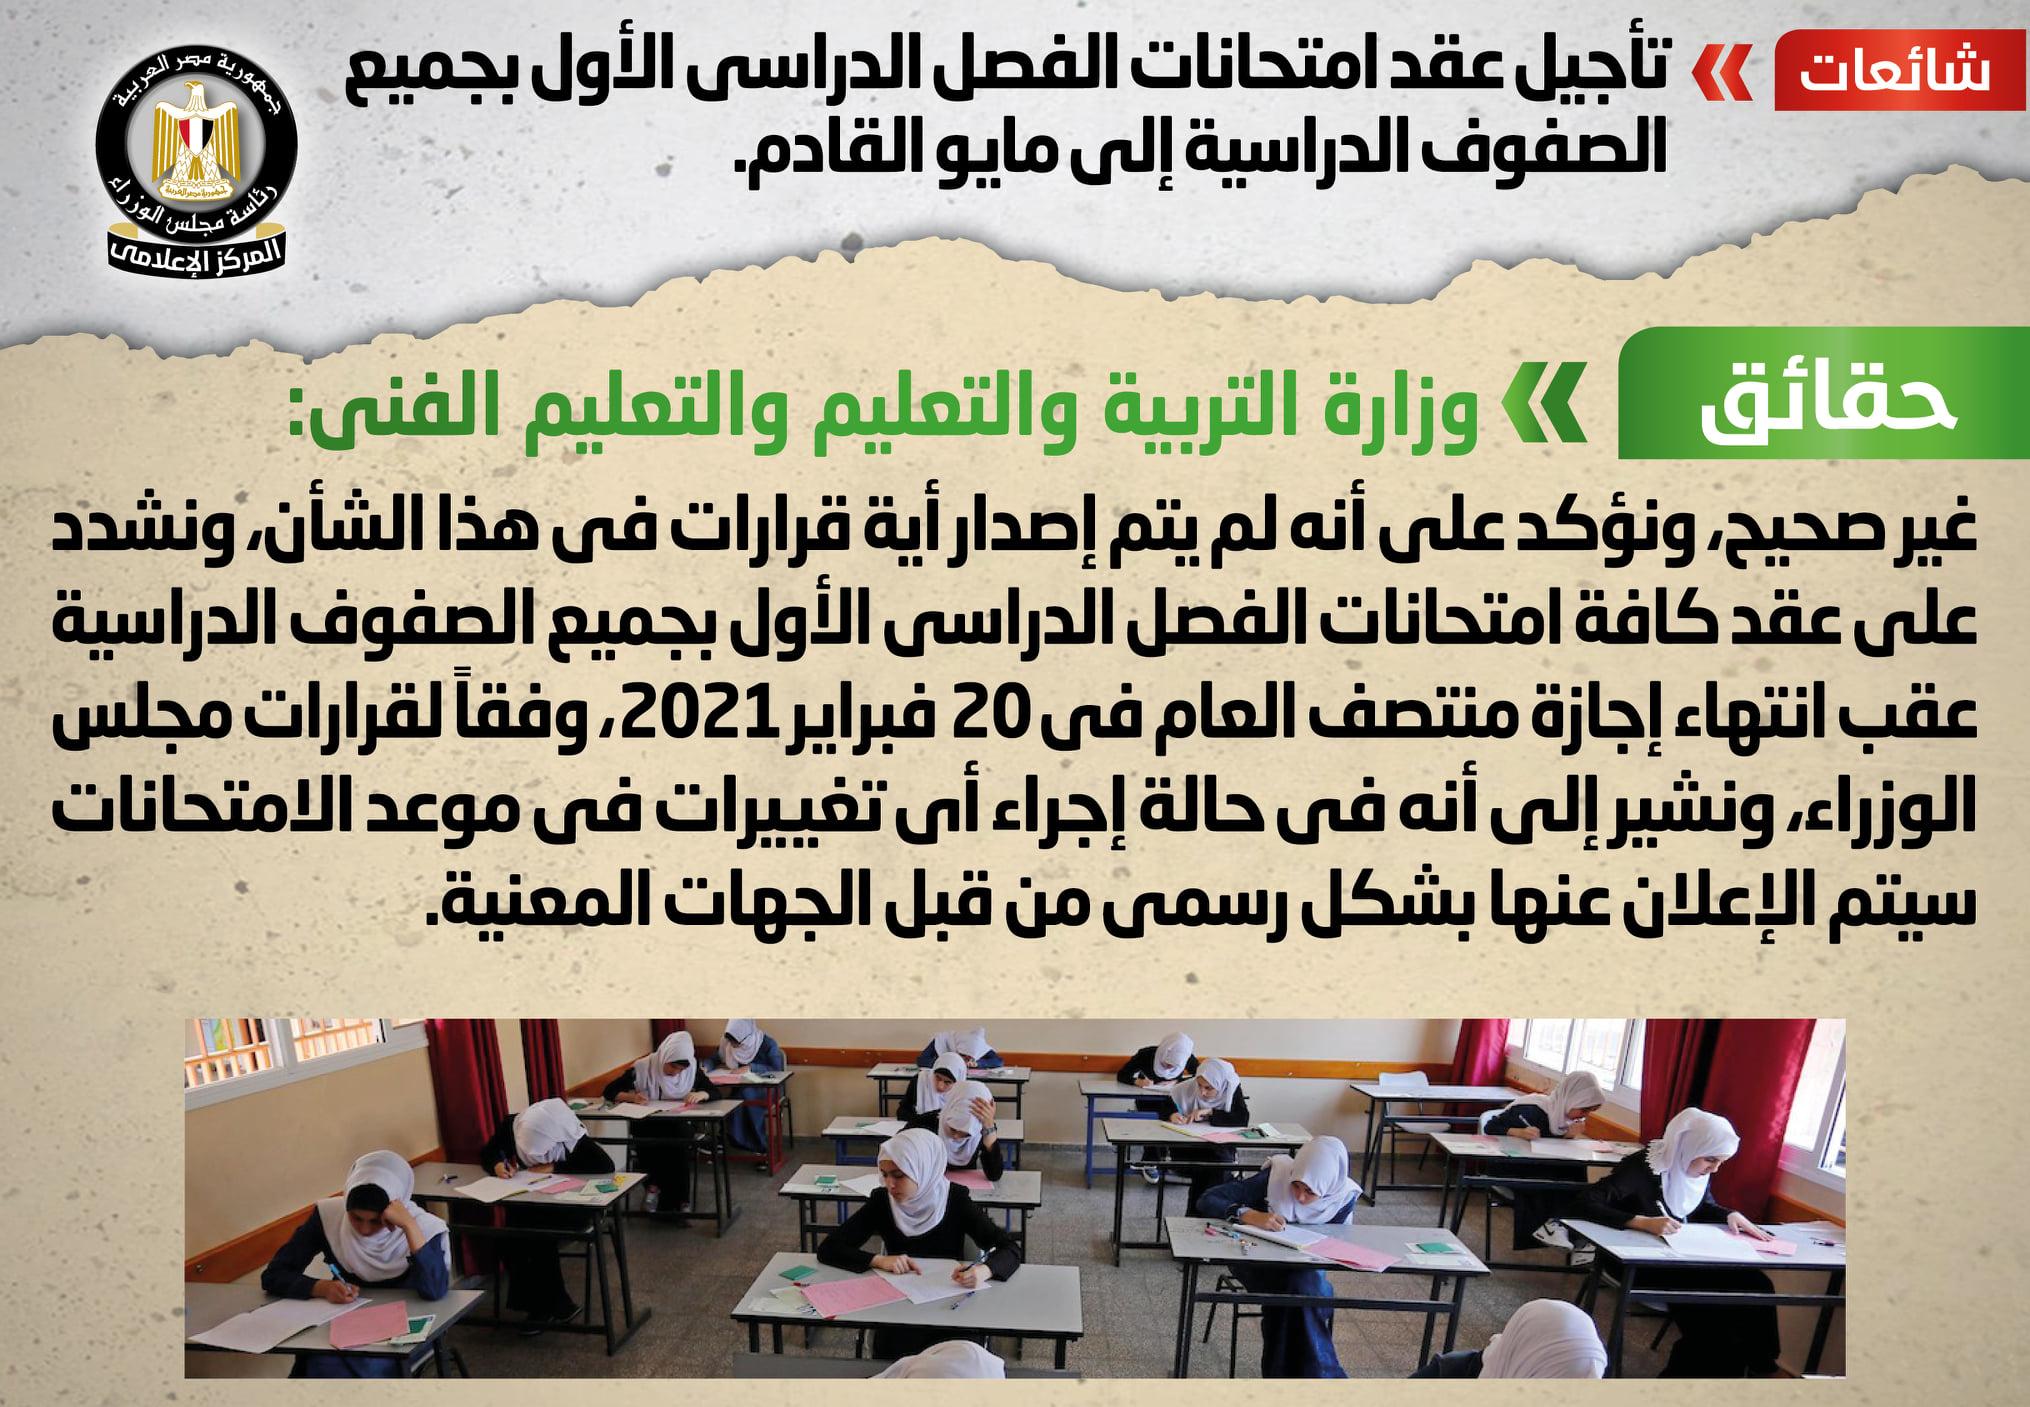 بيان رسمي.. مجلس الوزراء يعلن رسمياً موعد امتحانات الترم الأول لجميع الصفوف الدراسية 4